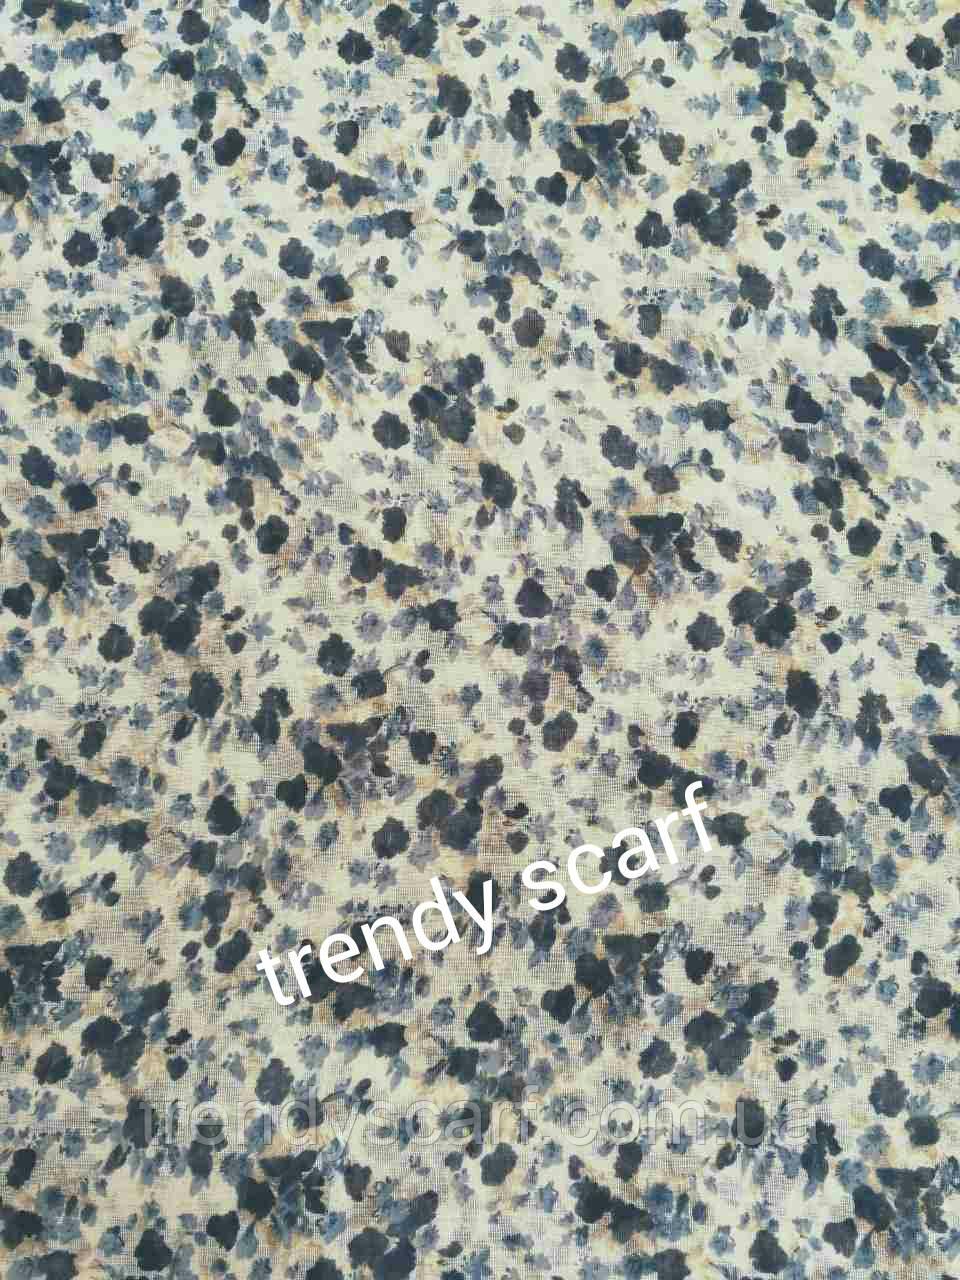 Женский Шарф палантин Прованс. Серый, голубой, черный, белый. цветы, цветочный принт. Вискоза 180/60